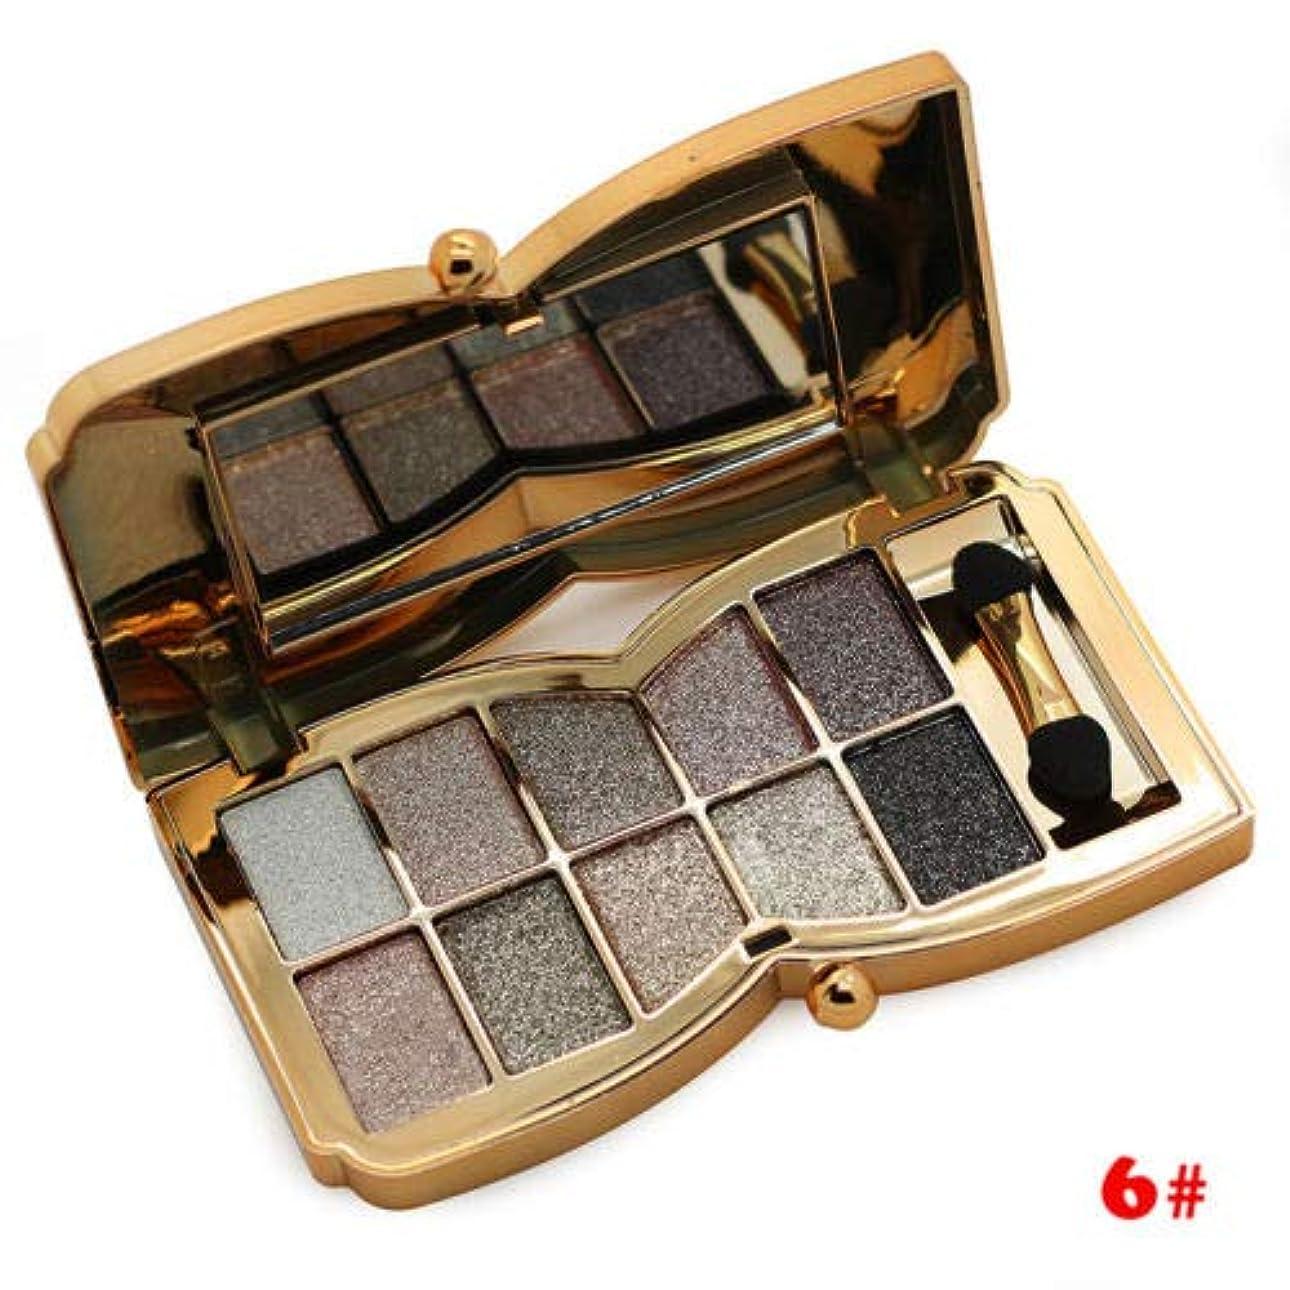 FidgetGear 10色アイシャドーグリッターアイシャドーパレットメイクアップ化粧品ミラーブラシセット 6#